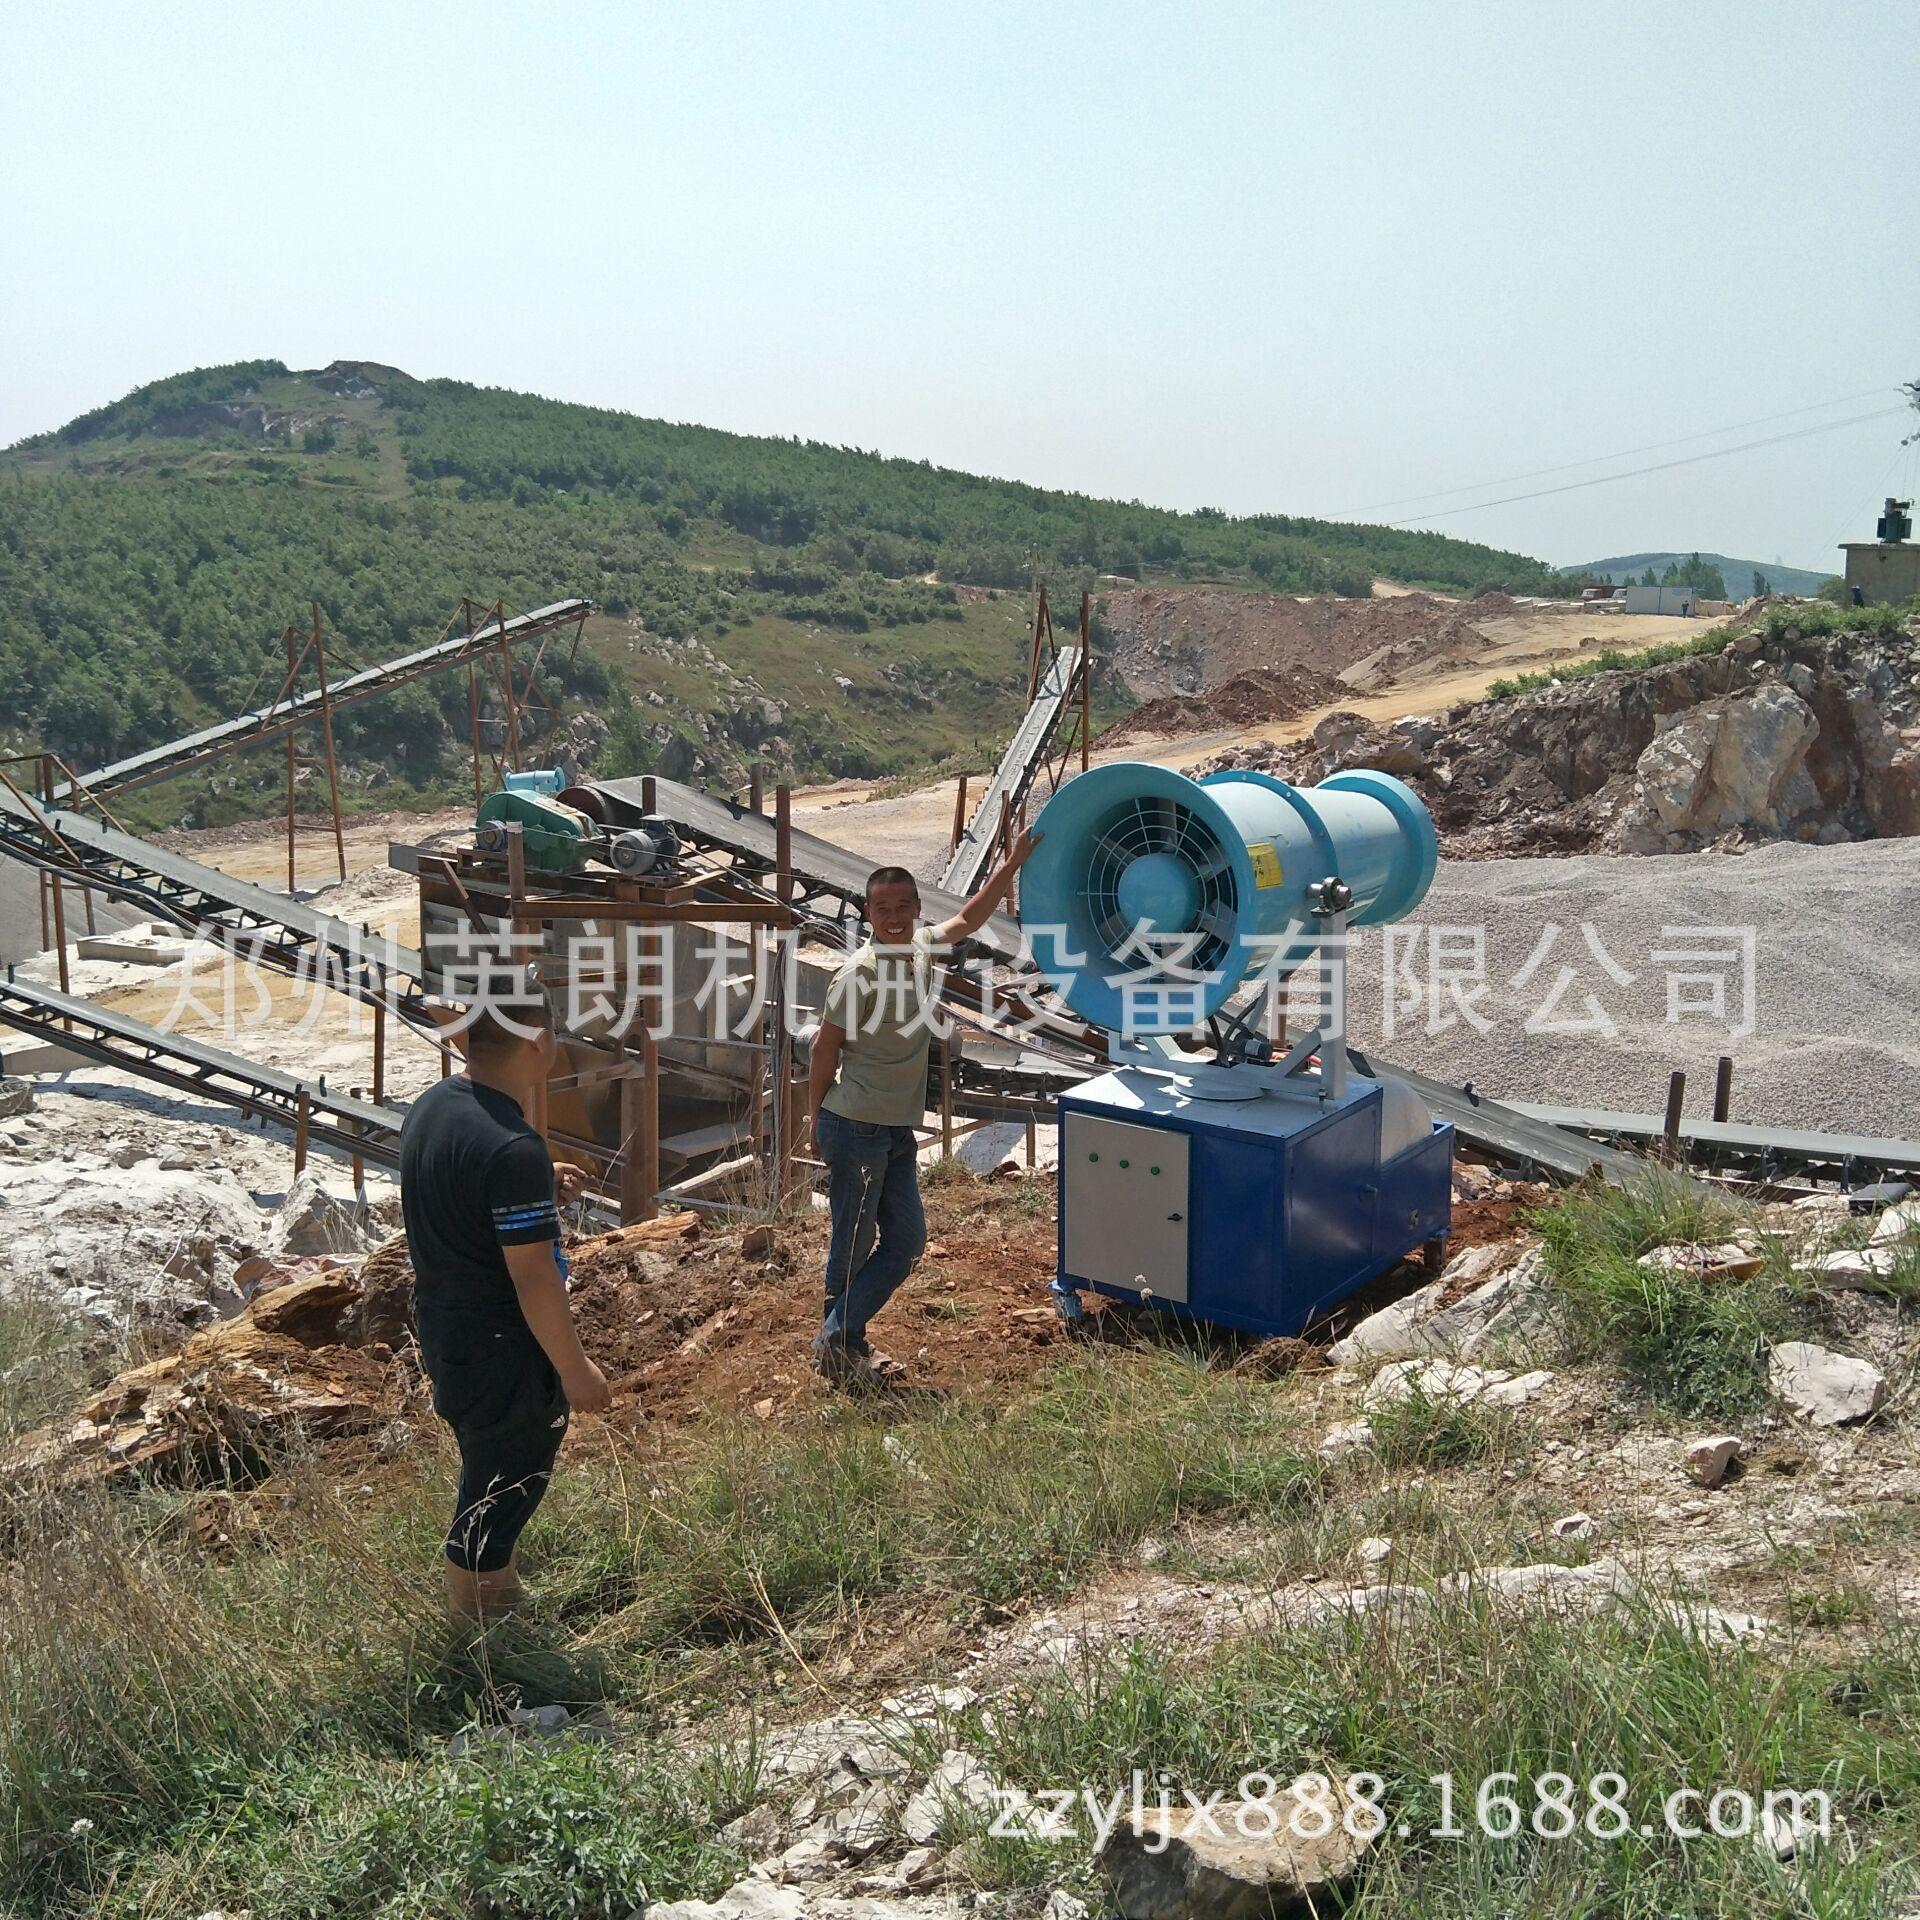 石料生产线全套设备配置 砂石石料生产线 大型石头破碎生产线示例图6